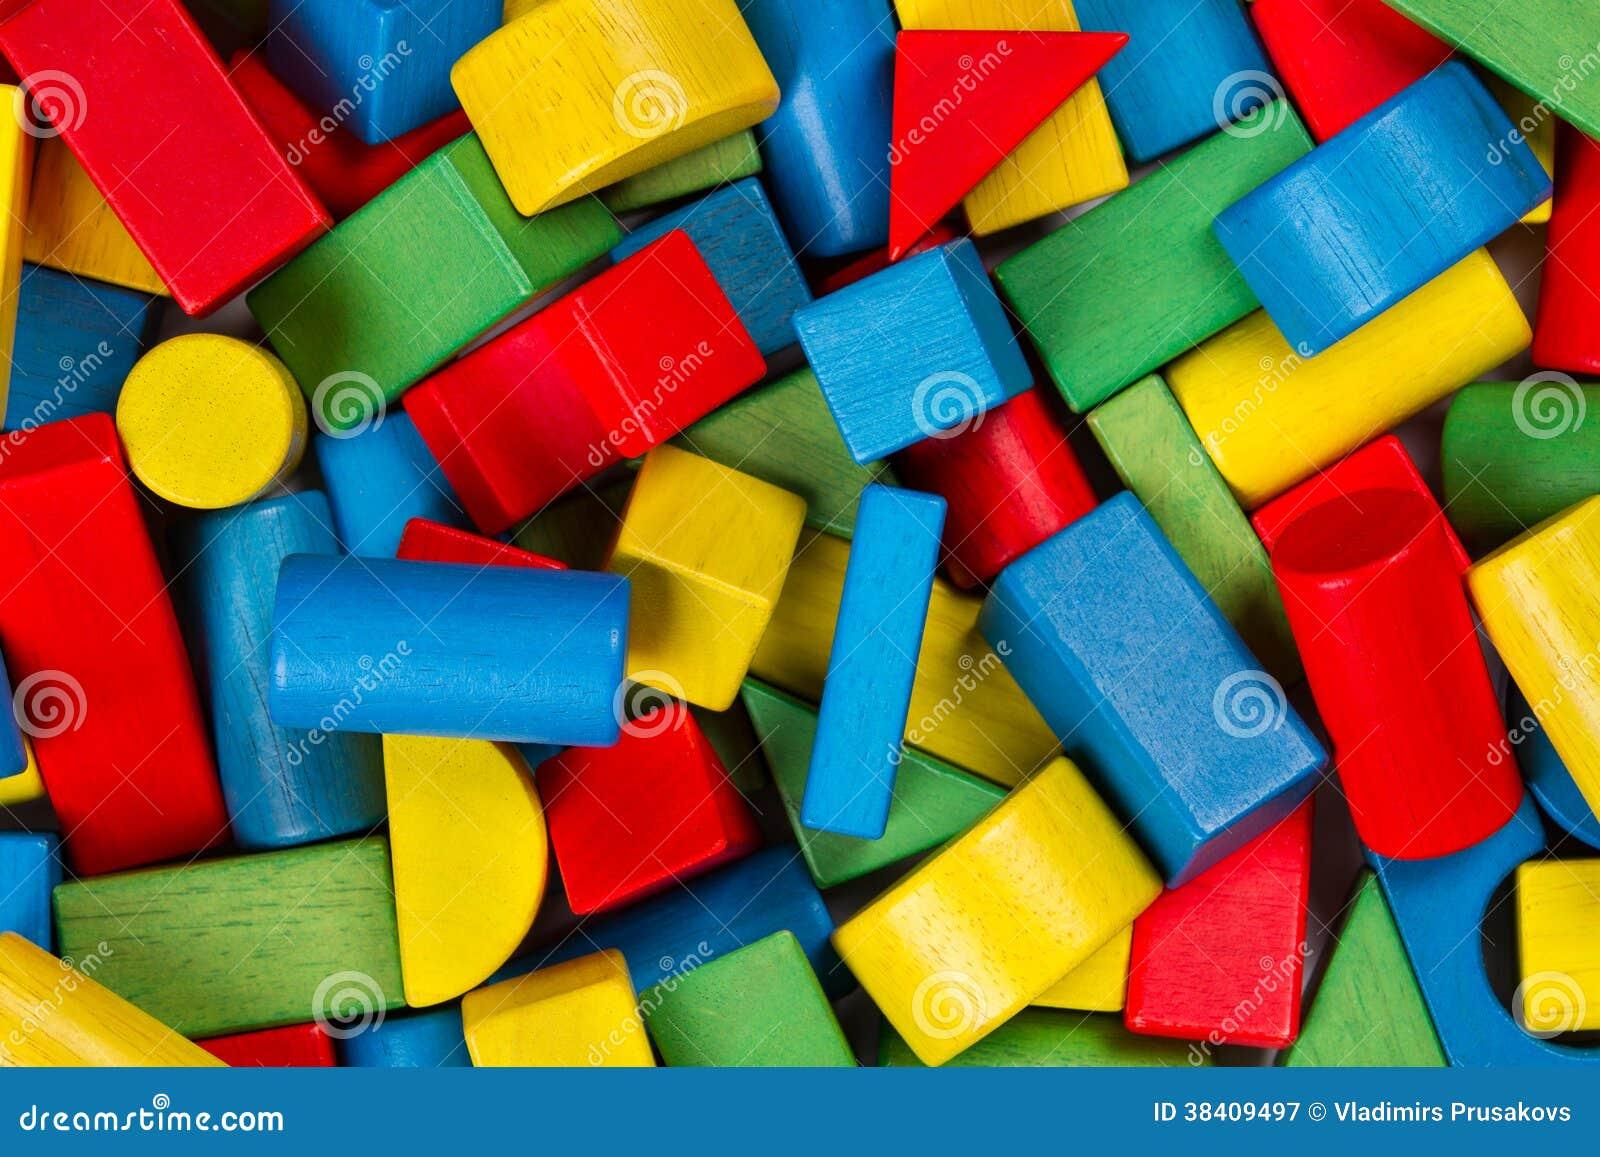 Spielwarenblöcke, hölzerne MehrfarbenMauerziegel, Haufen von buntem